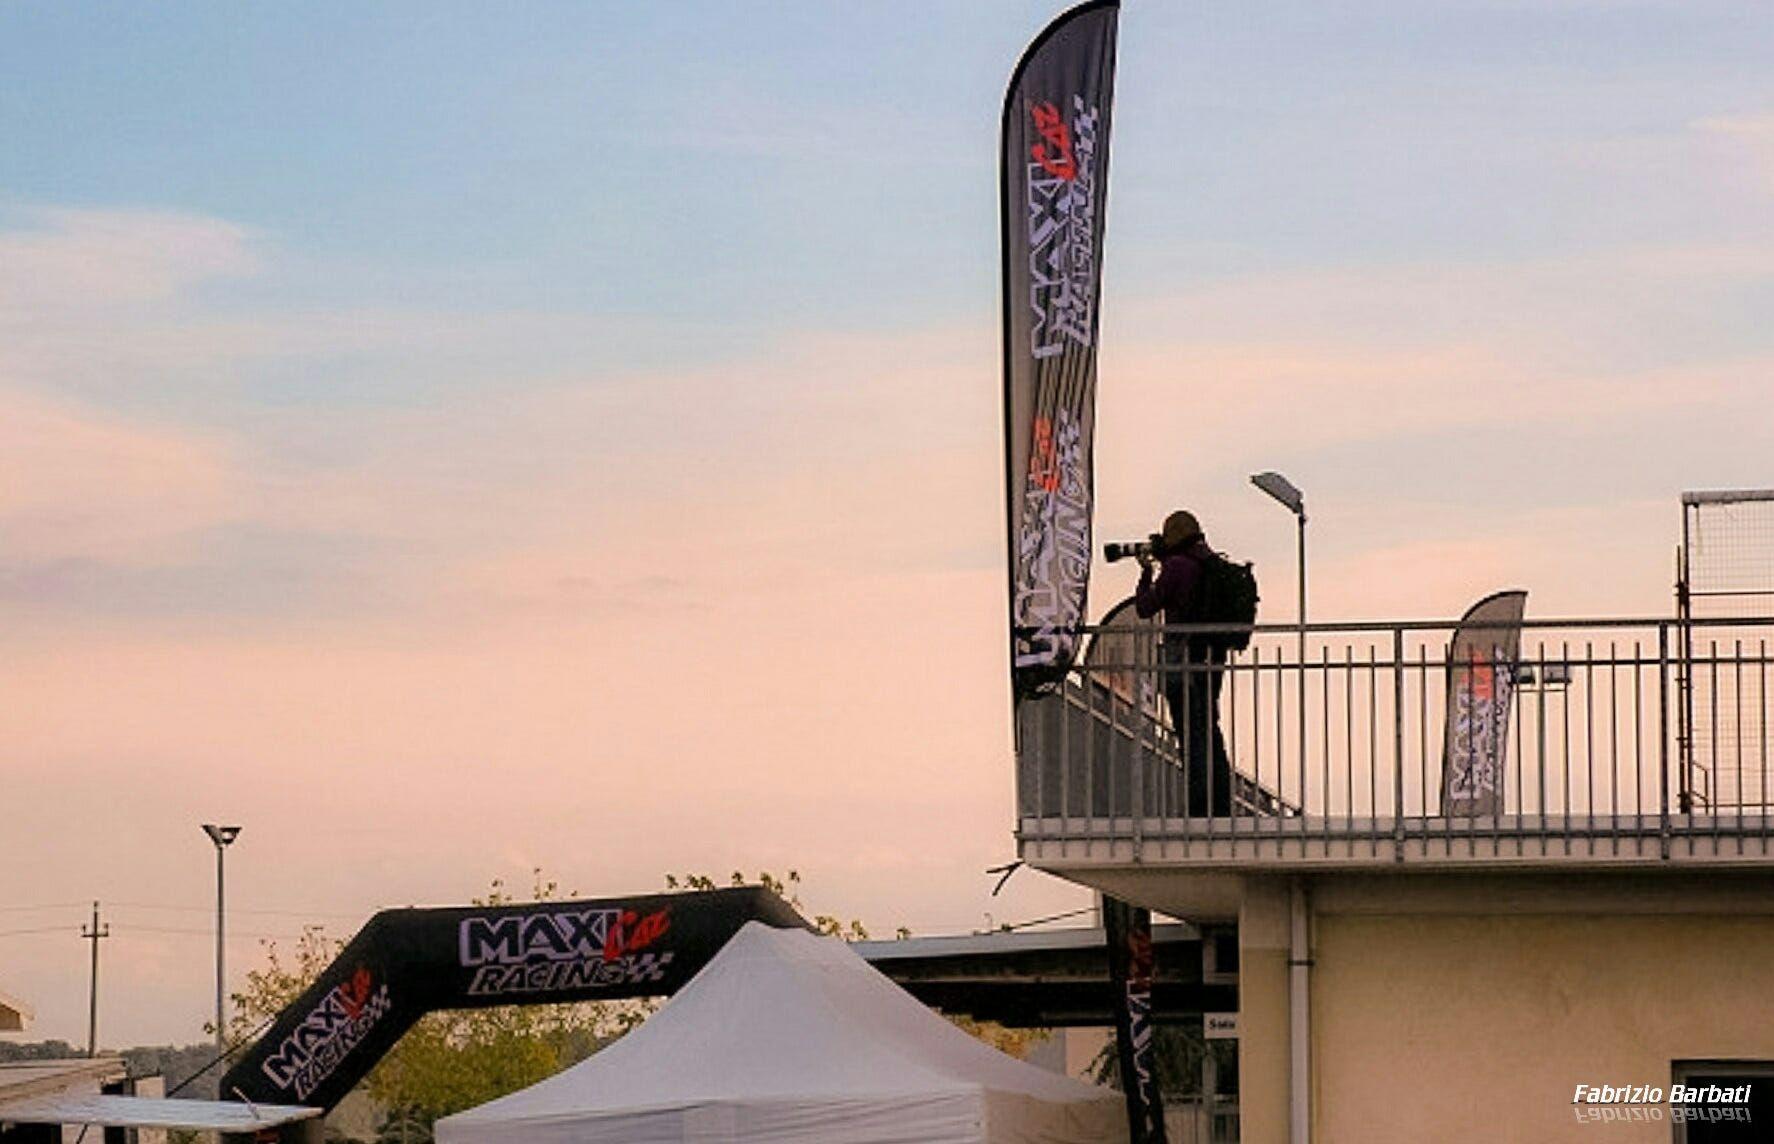 Circuito Ortona : Photographer in action circuito internazionale d abruzzo